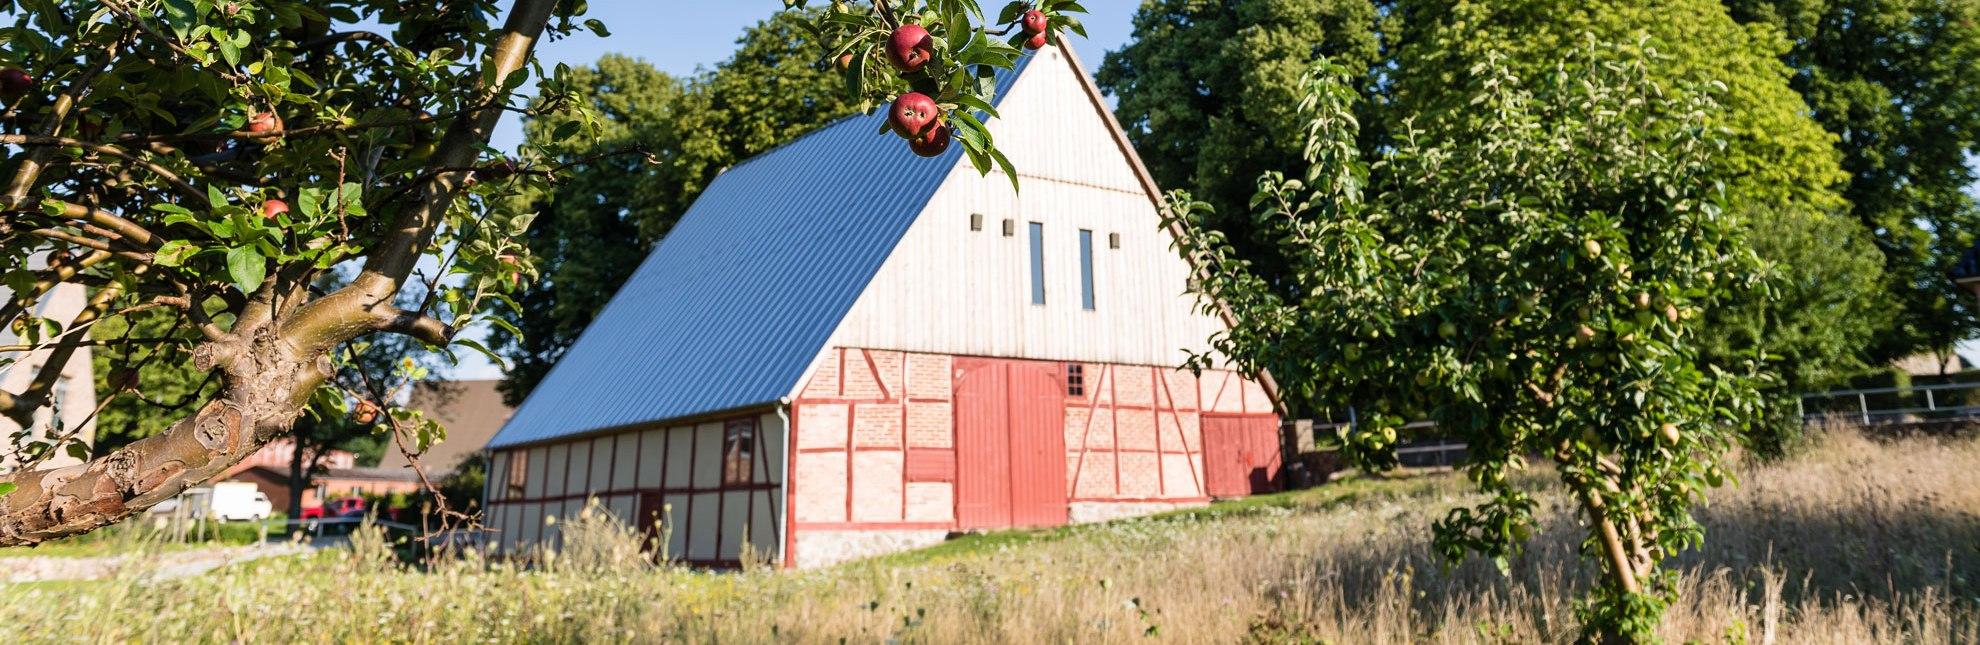 ländliche Idylle im Herzogtum Lauenburg, © Markus Tiemann/HLMS